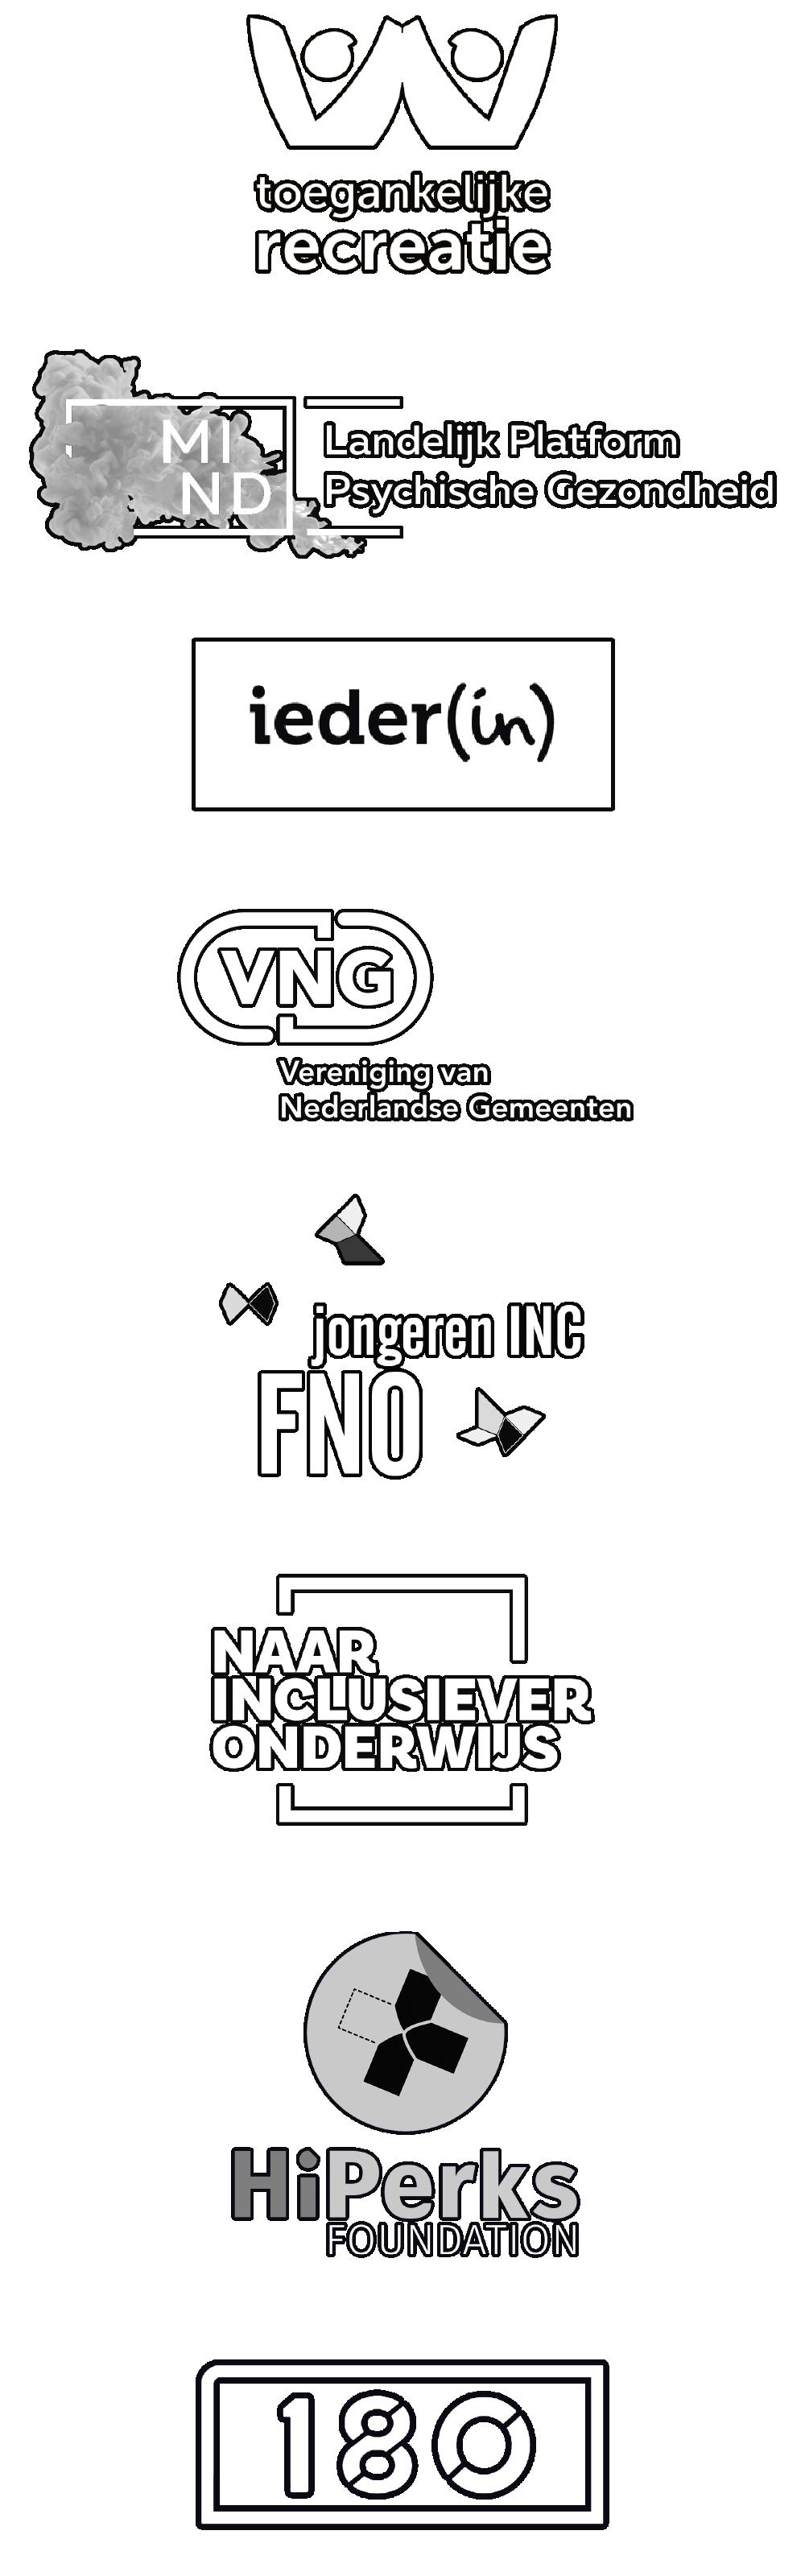 Partner logo's: Toegankelijke Recreatie, MIND Landelijk Platform Psychische Gezondheid, Ieder(in), VNG Vereniging van Nederlandse Gemeenten, Jongeren INC FNO, Naar Inclusiever Onderwijs, HiPerks Foundation, 180